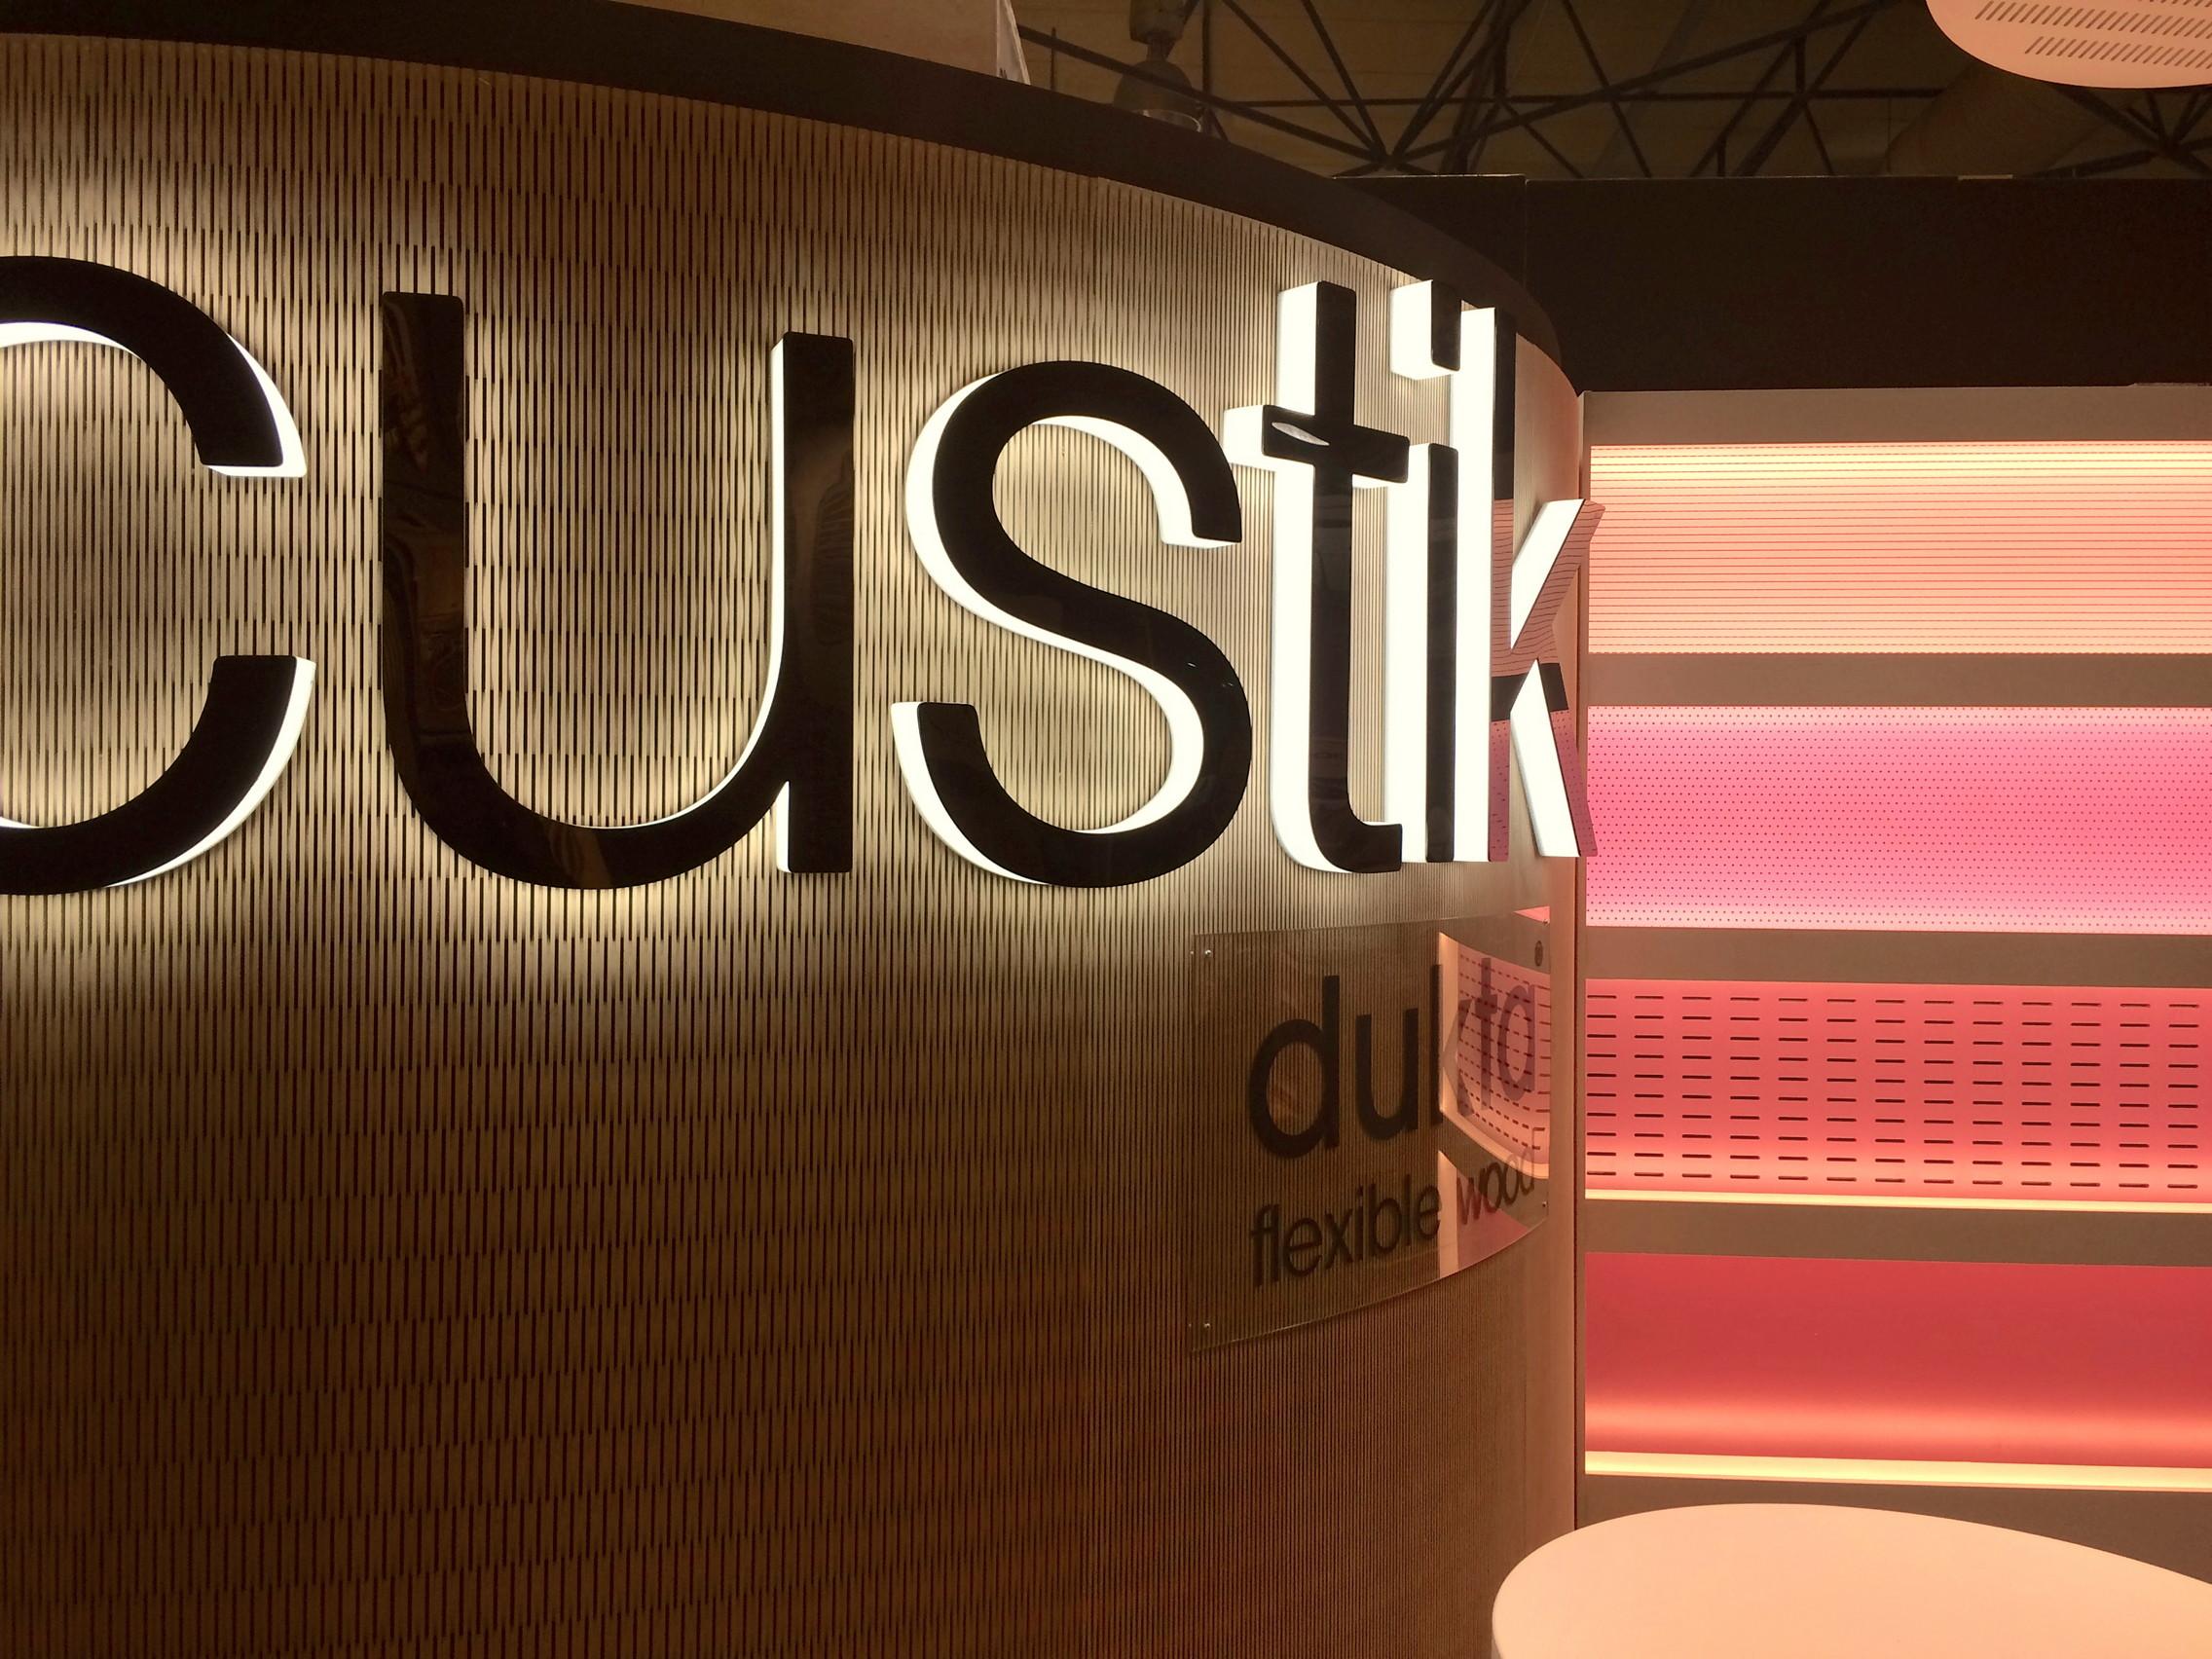 Decustik - acoustic and decorative panels